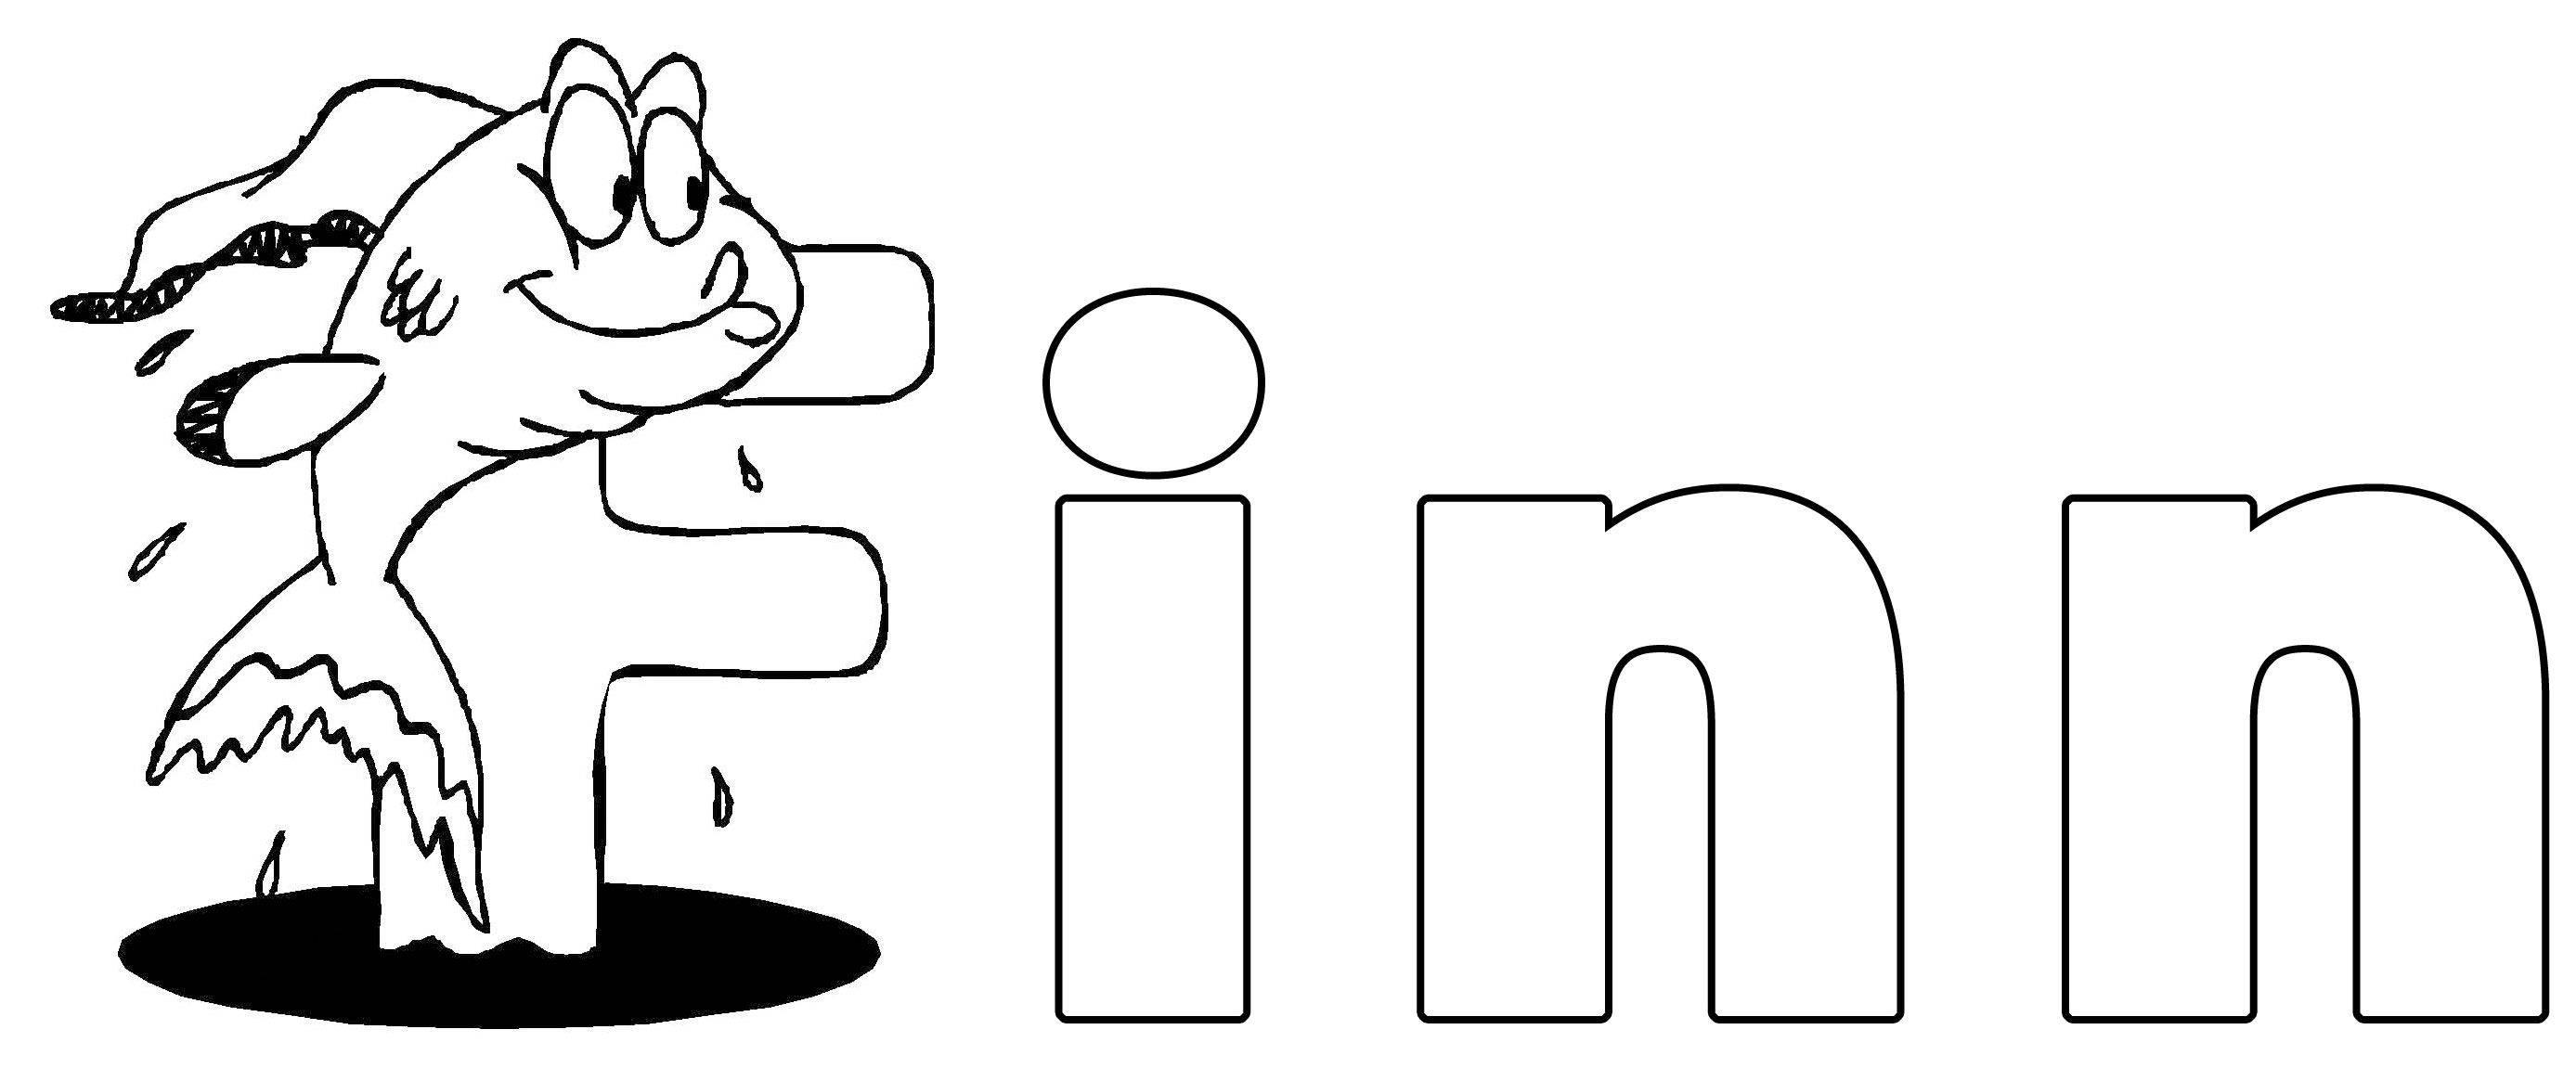 Pin Ausmalen Ausdrucken Download Vorlage Muster Klasse 5 6